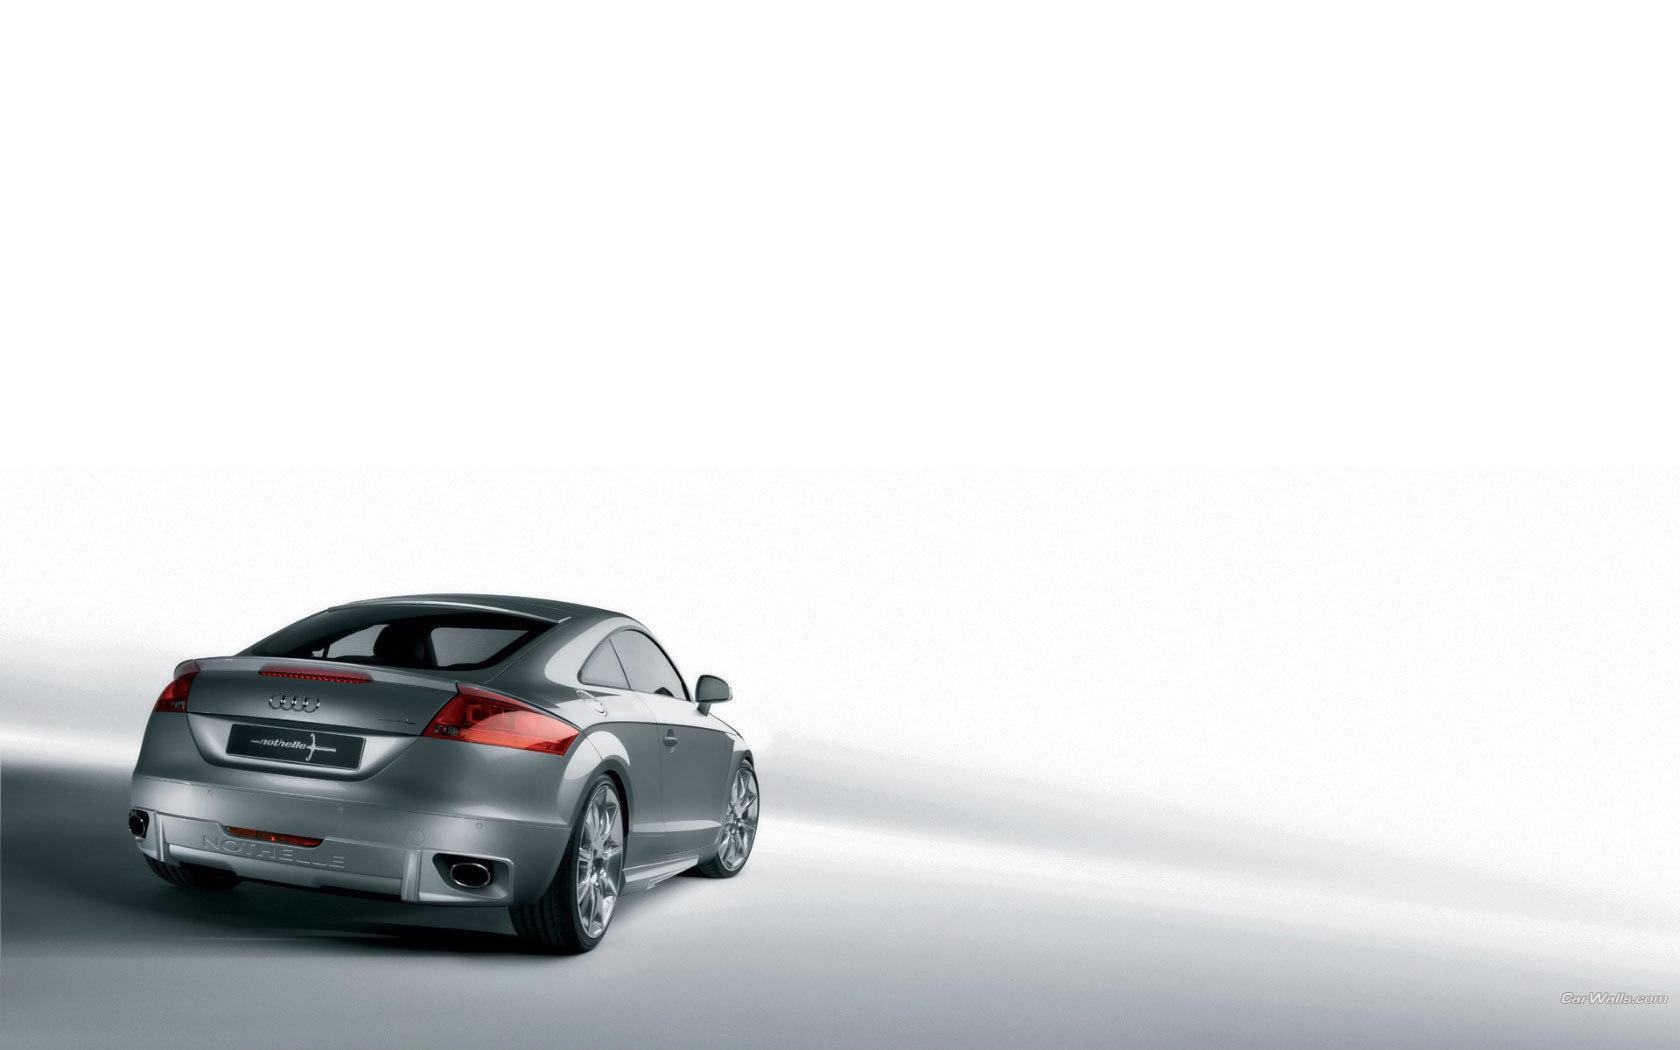 6823 скачать обои Транспорт, Машины, Ауди (Audi) - заставки и картинки бесплатно